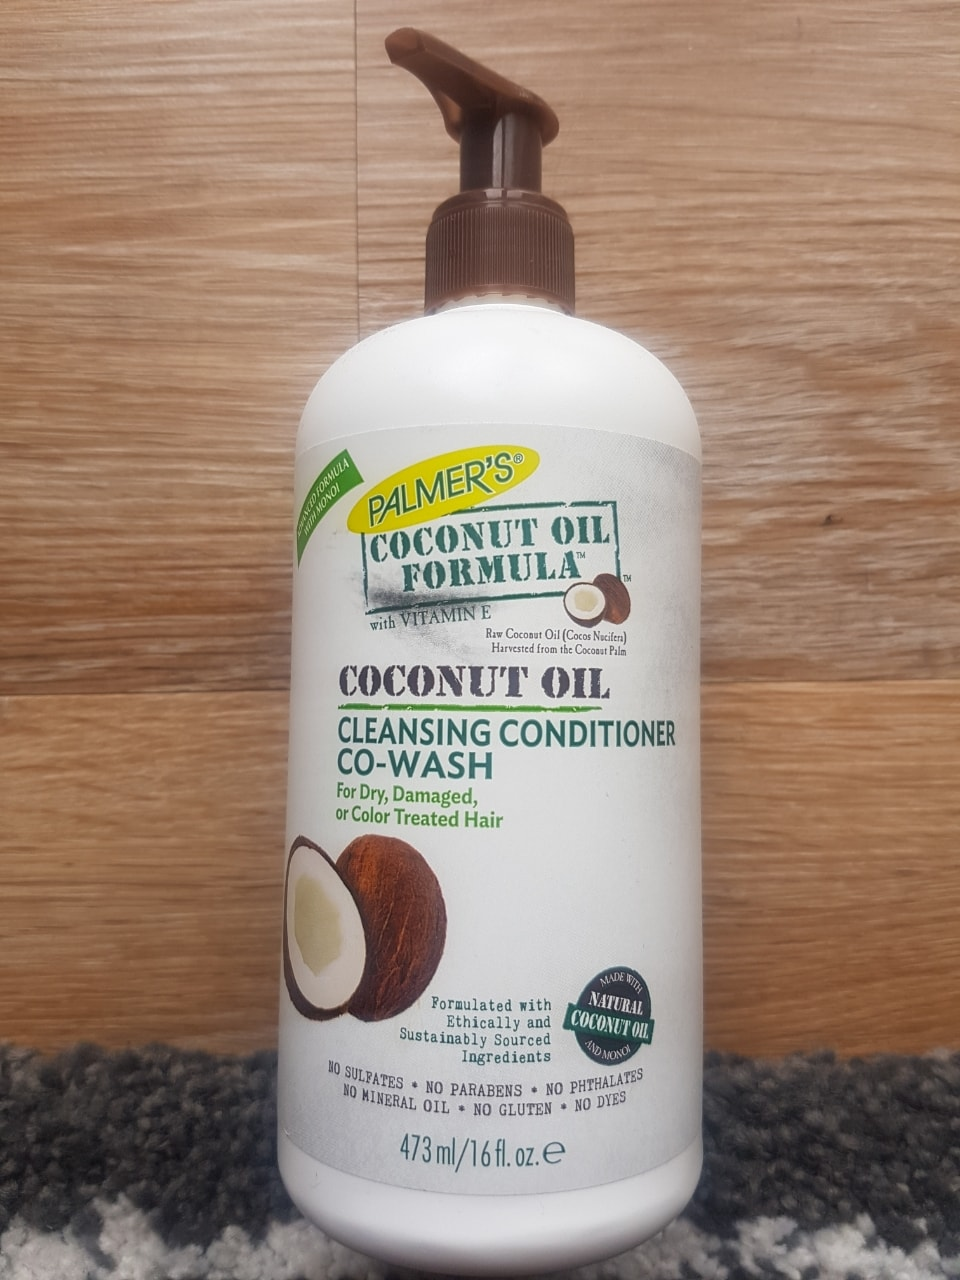 Palmer's Co-Wash (conditioner), coconut oil